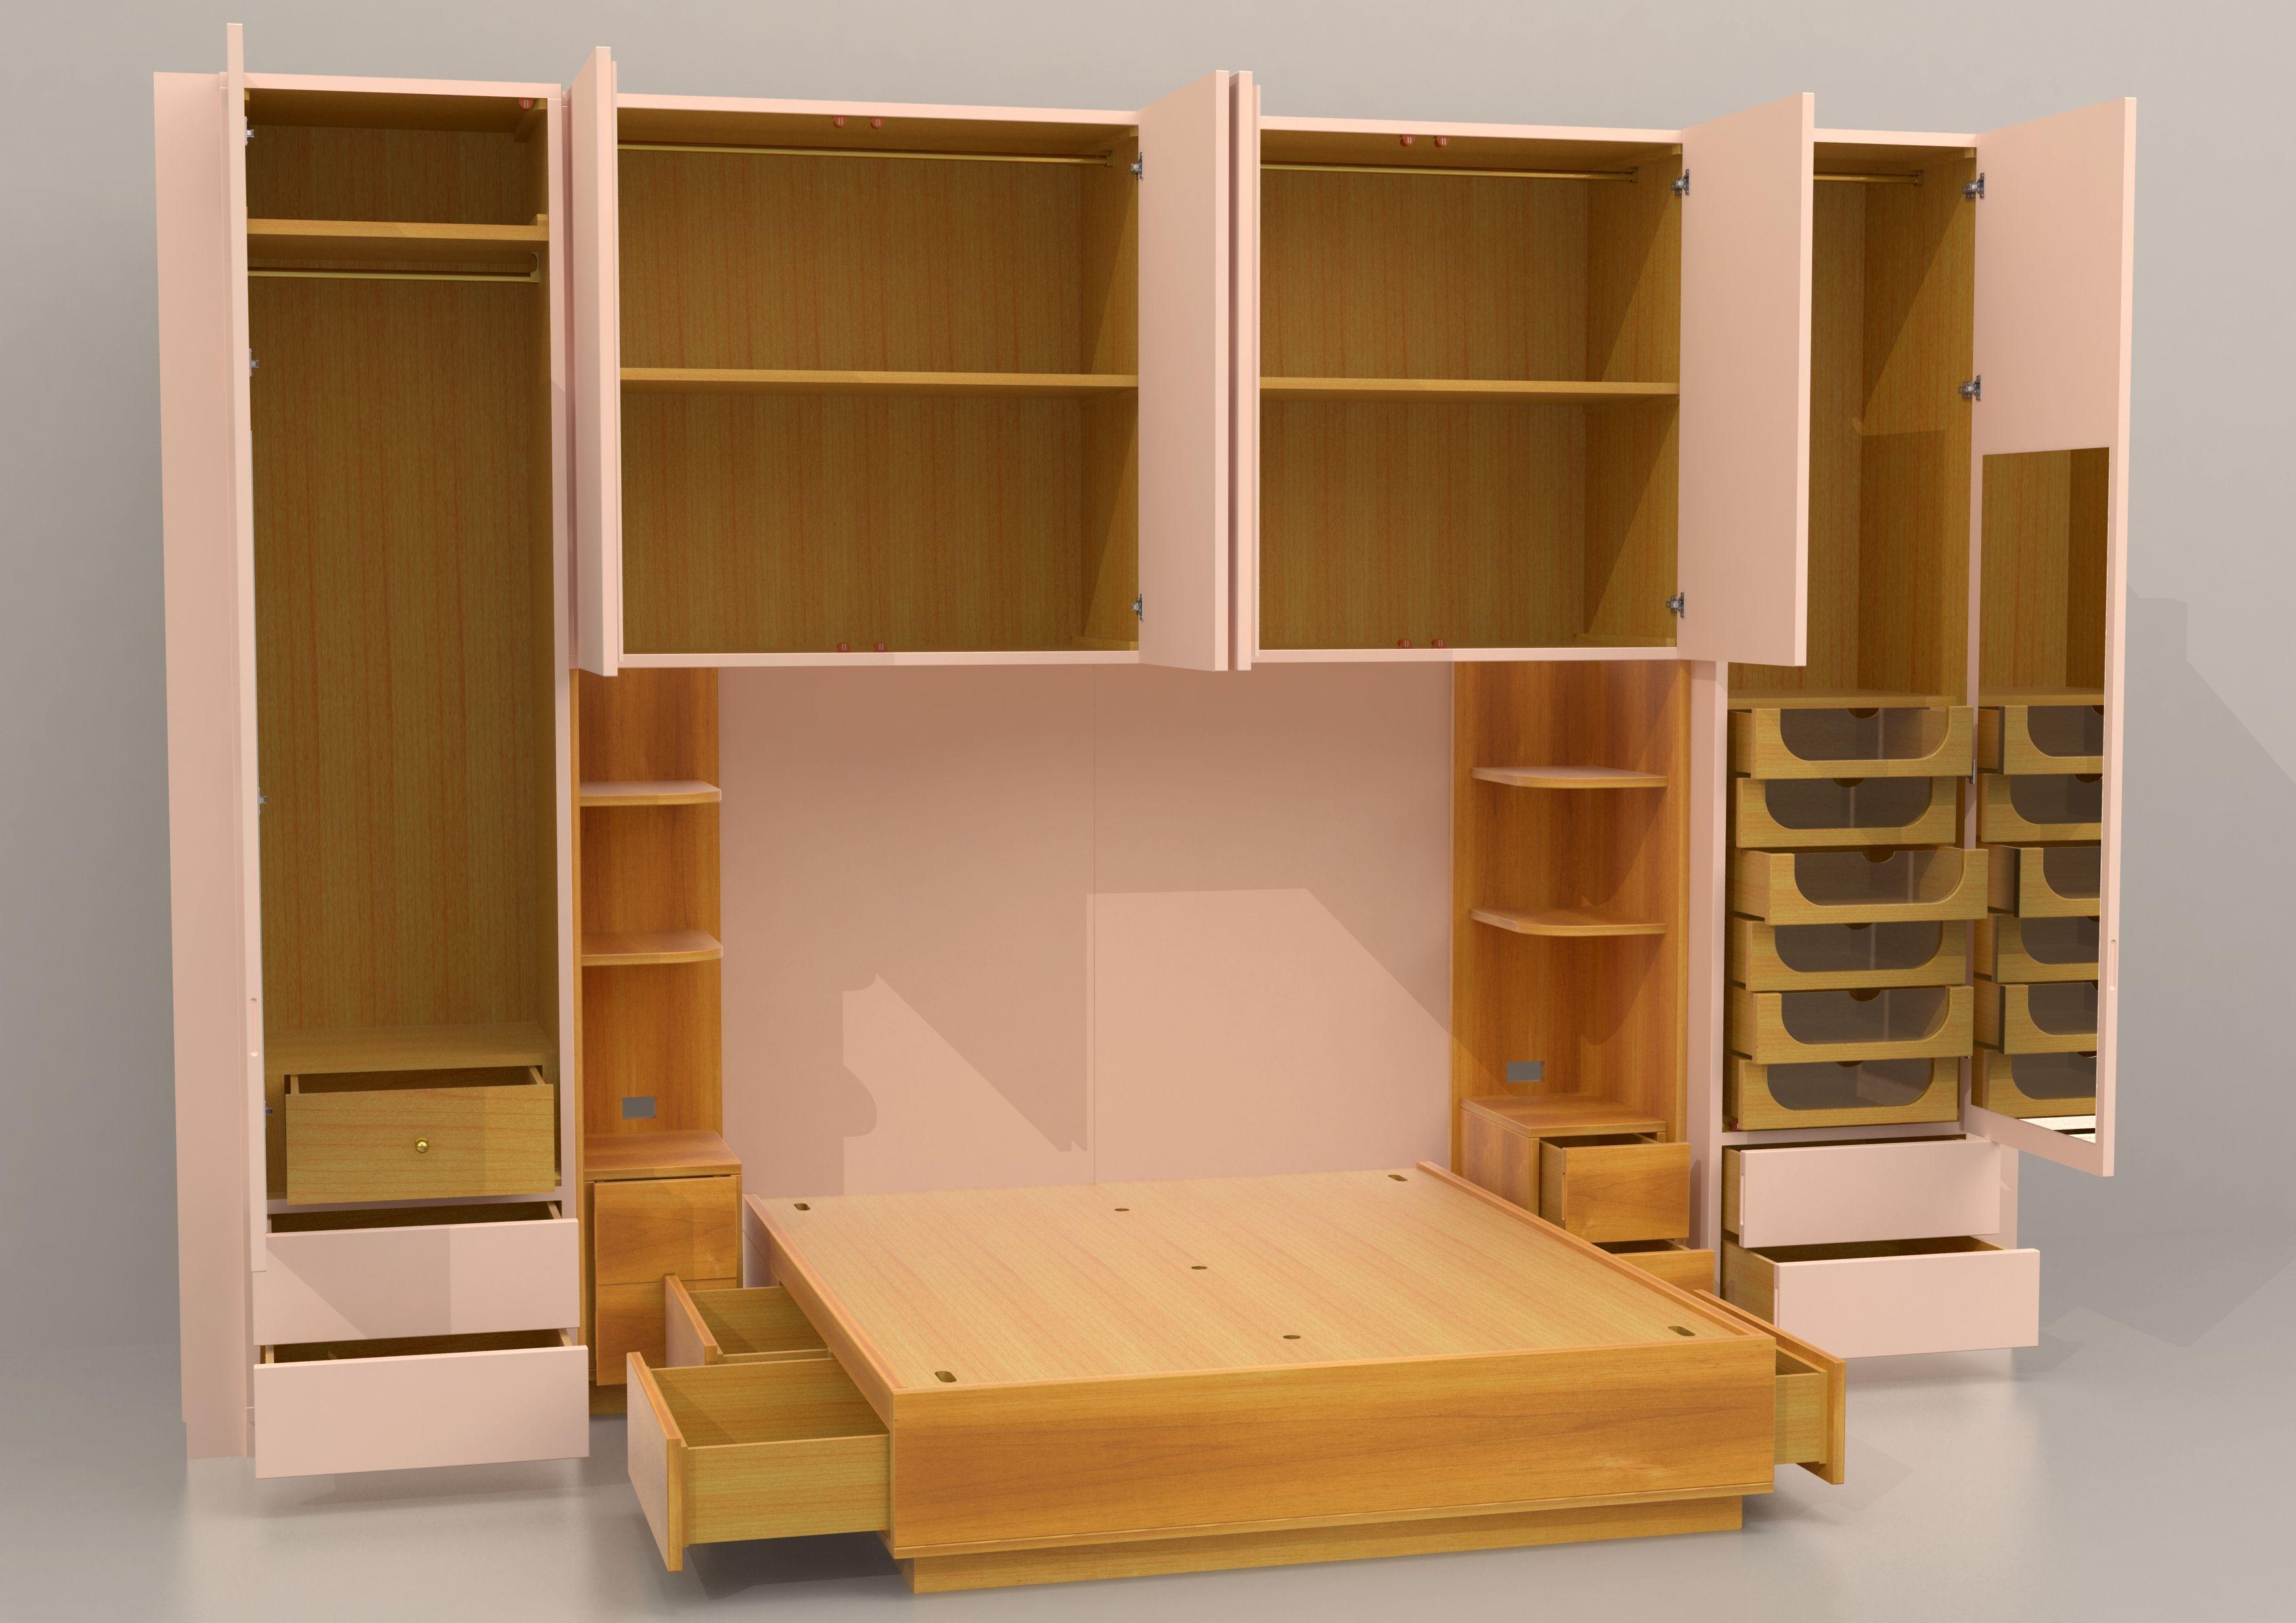 Armadio bambini ~ Progetto per una camera matrimoniale con armadio a ponte house